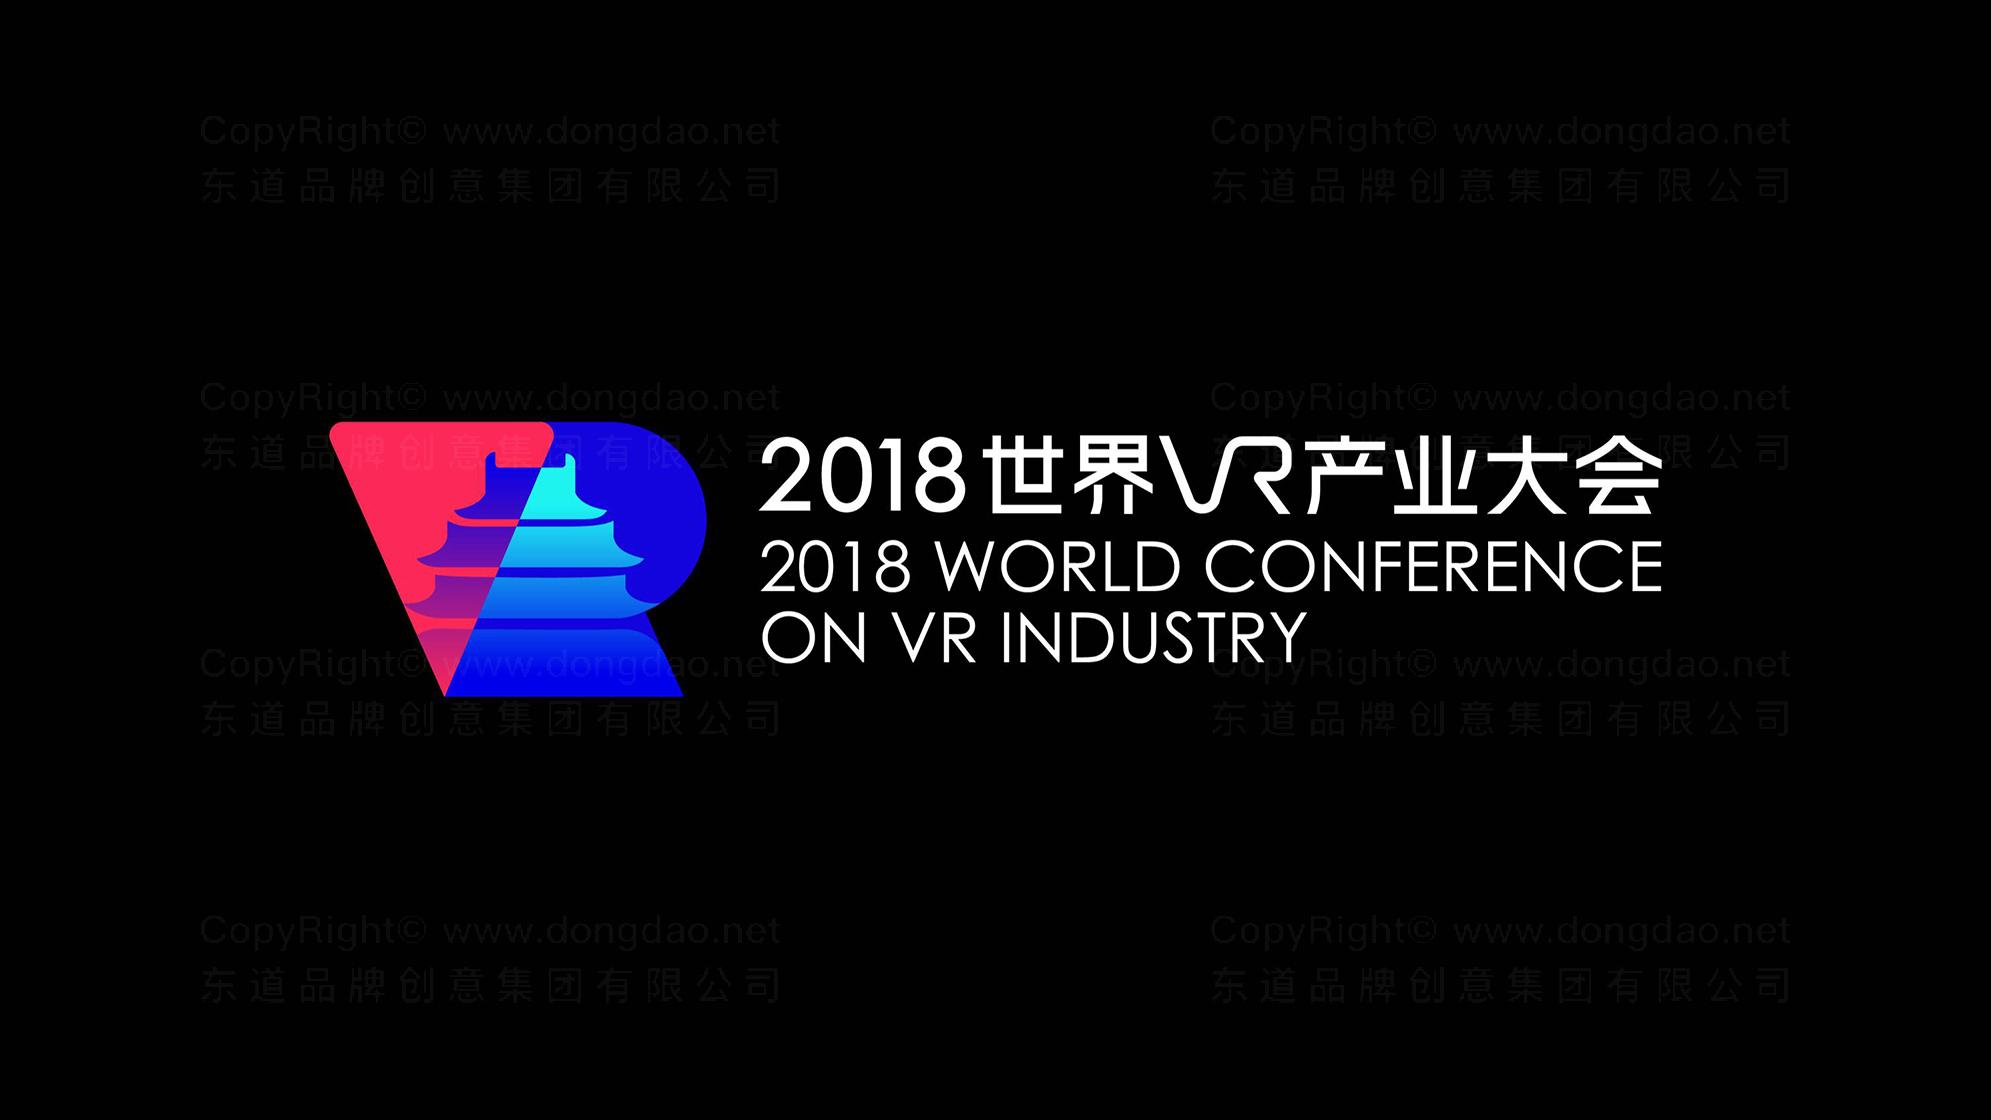 品牌设计世界VR大会LOGO&VI设计应用场景_1